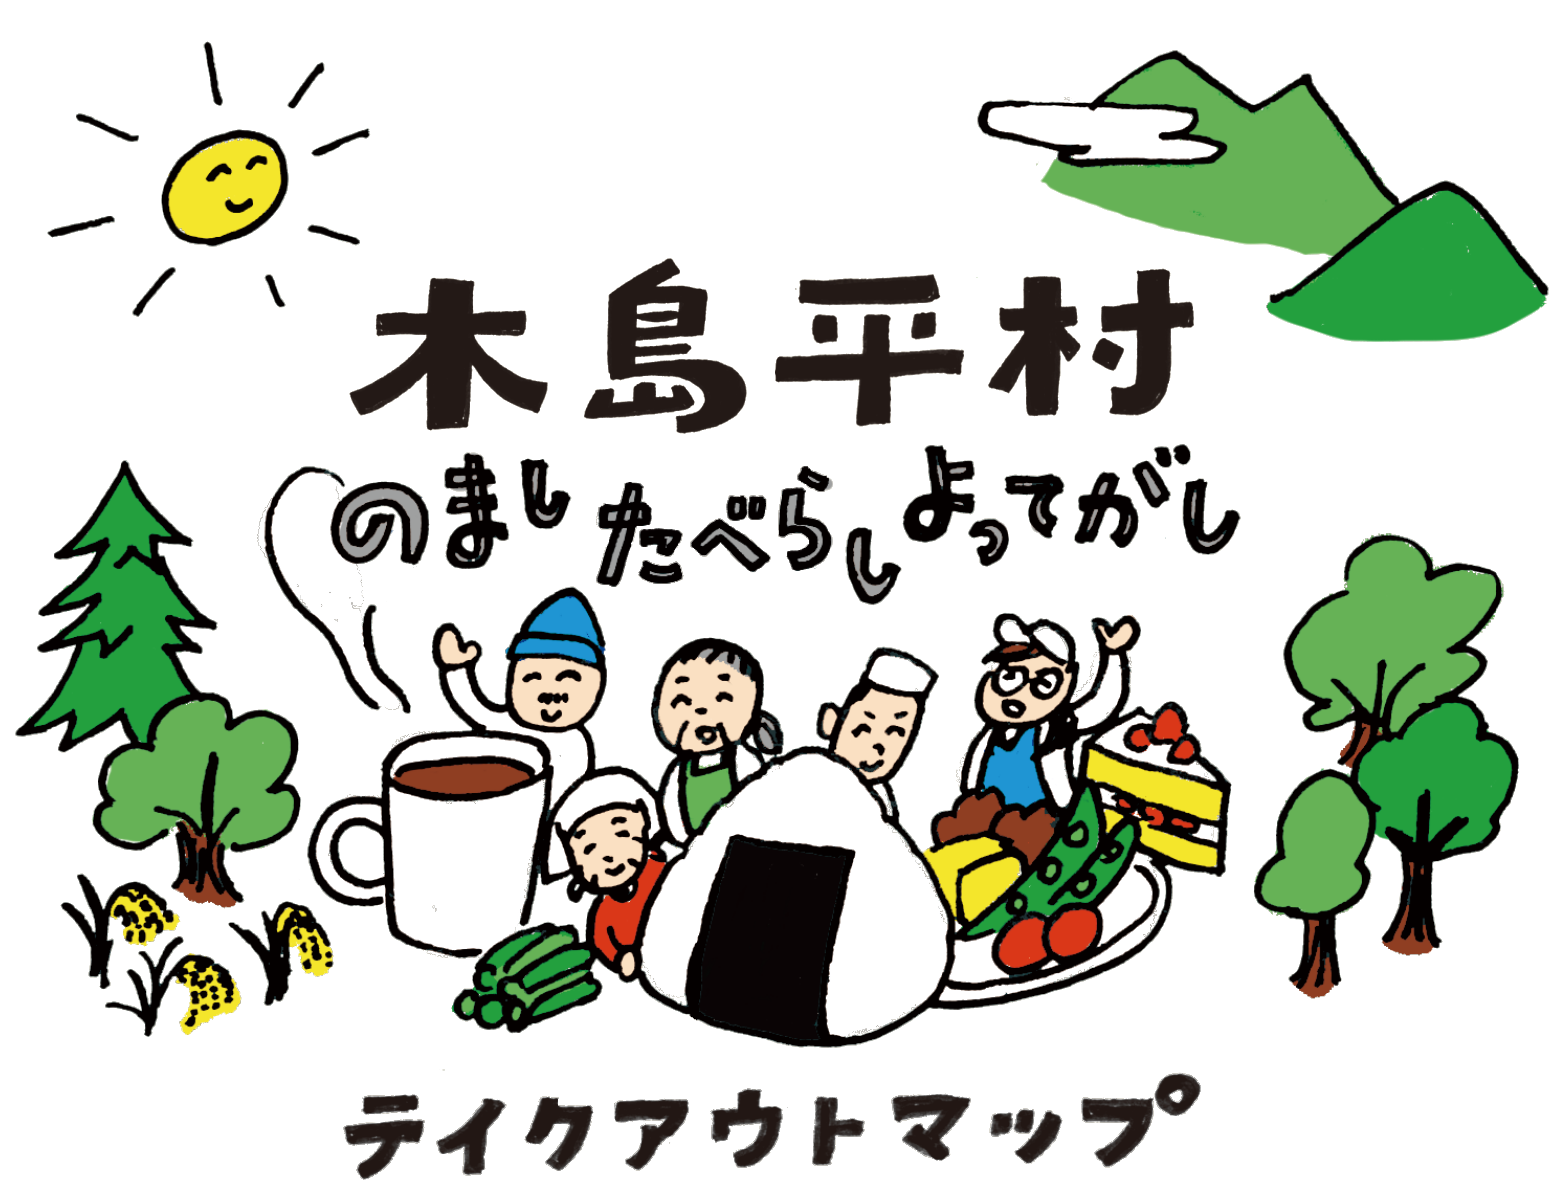 木島平村 のまし たべらし よってがし テイクアウトマップ